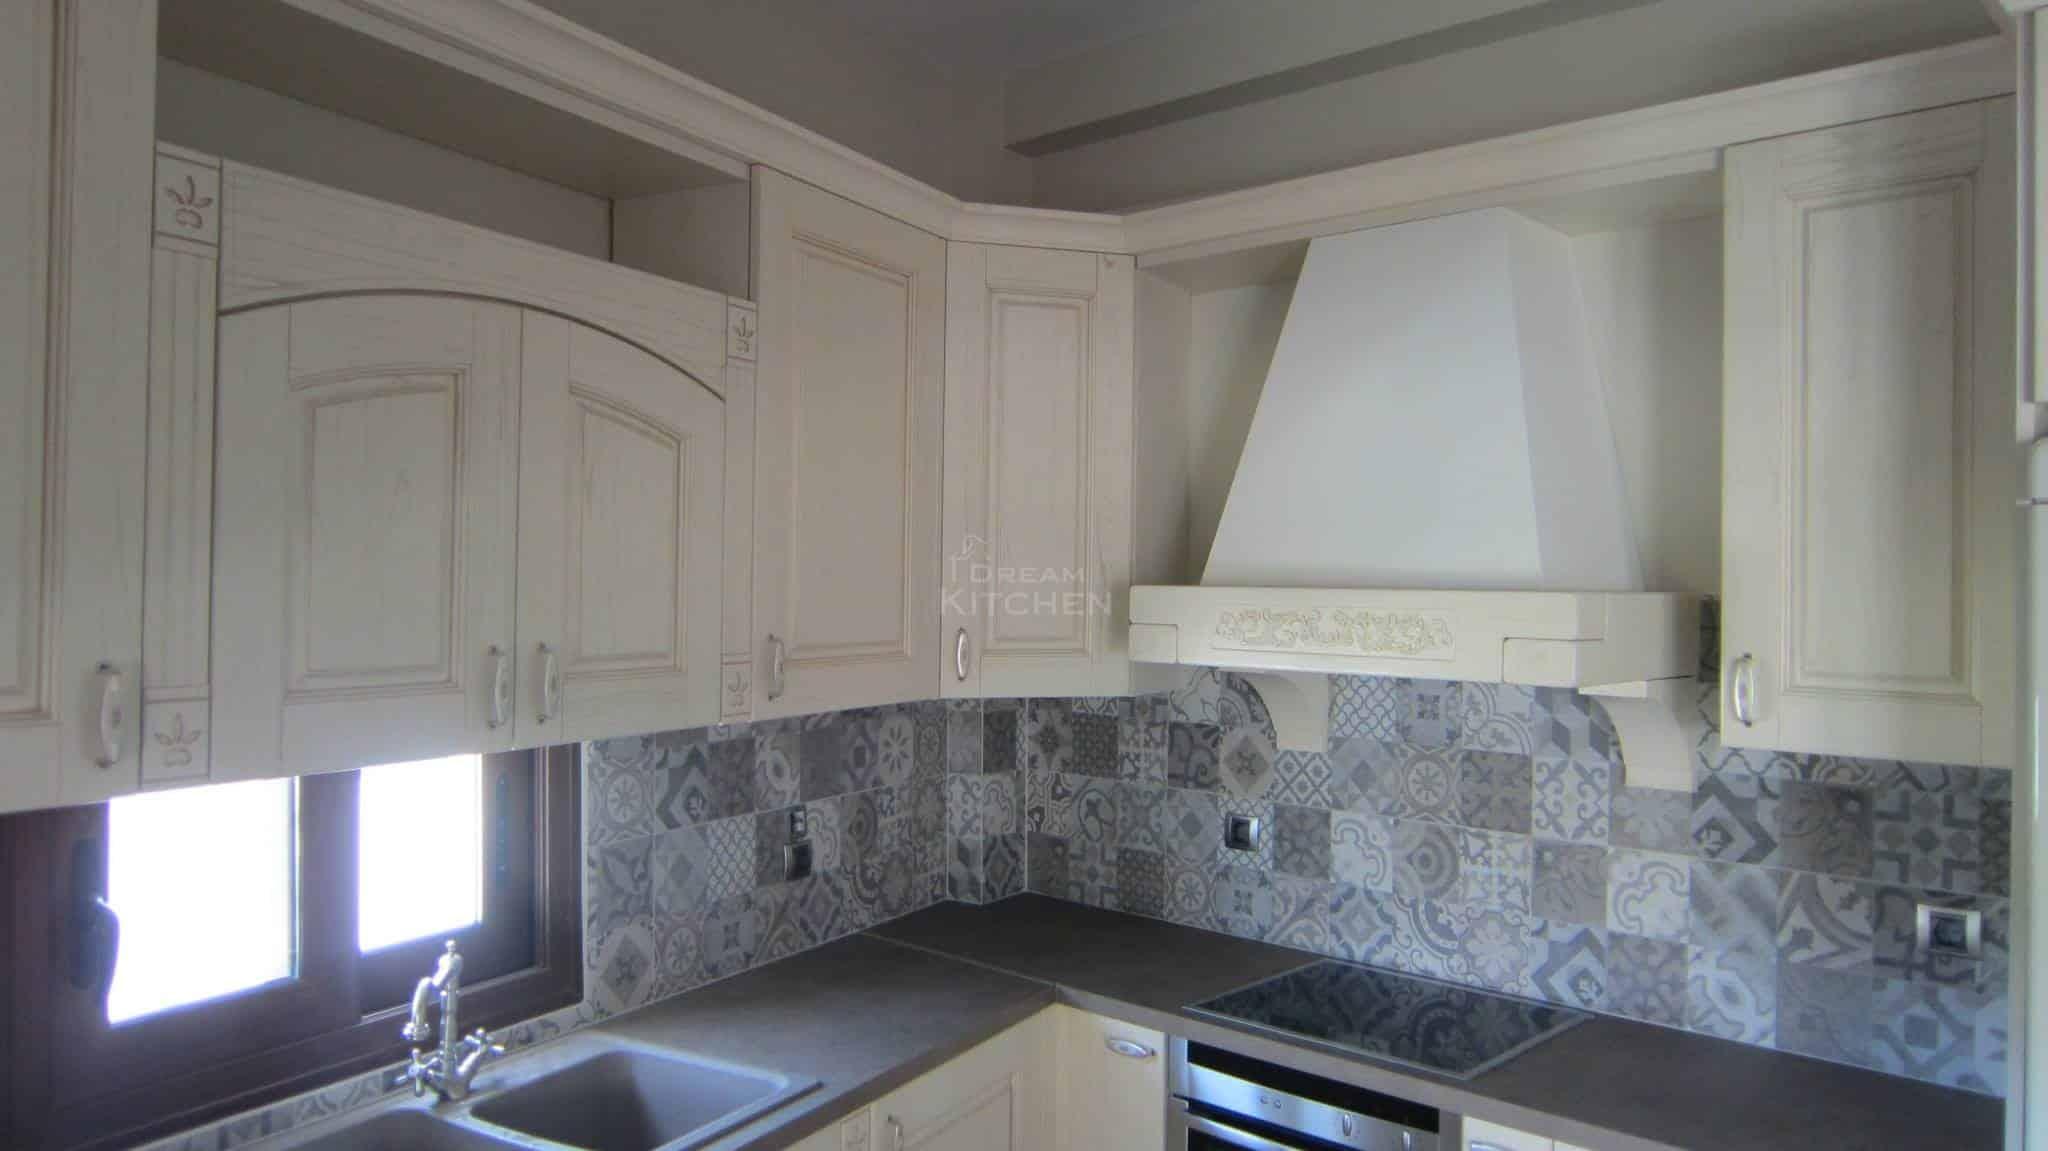 Πλήρης επίπλωση κατοικίας κουζινα μασιφ 63